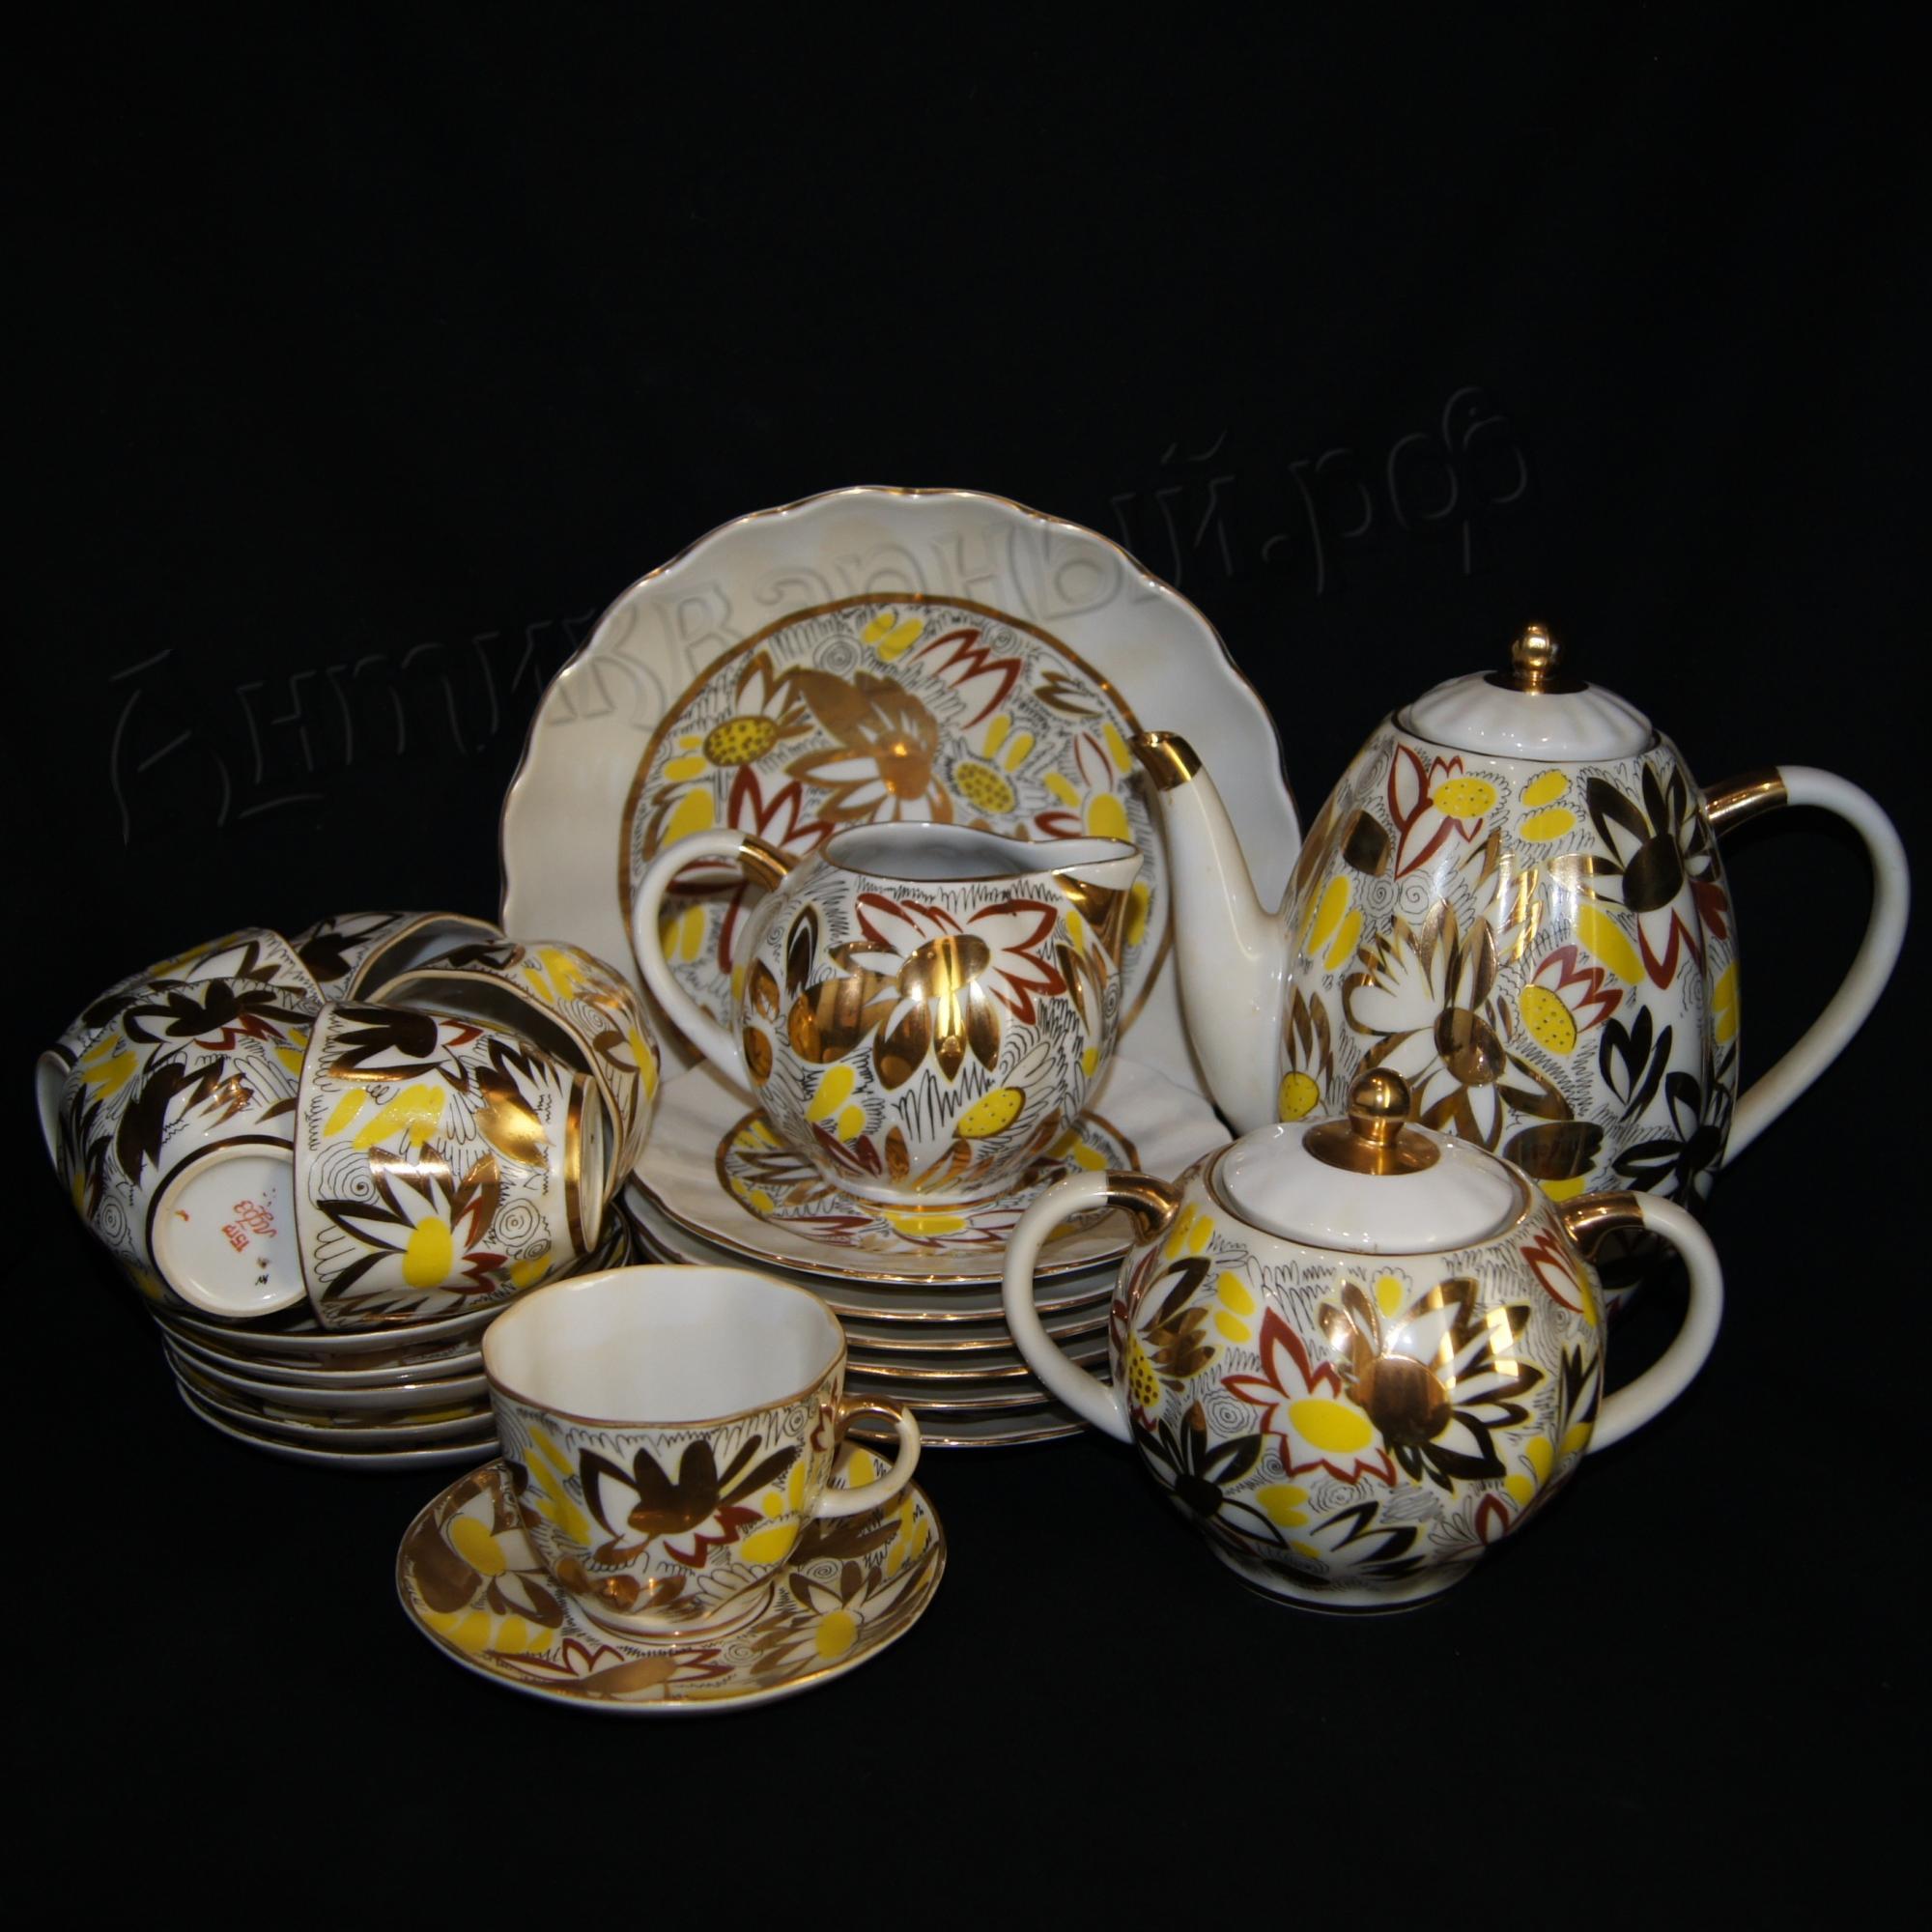 кофейный сервиз «Золотые ромашки». ЛФЗ, 70е годы